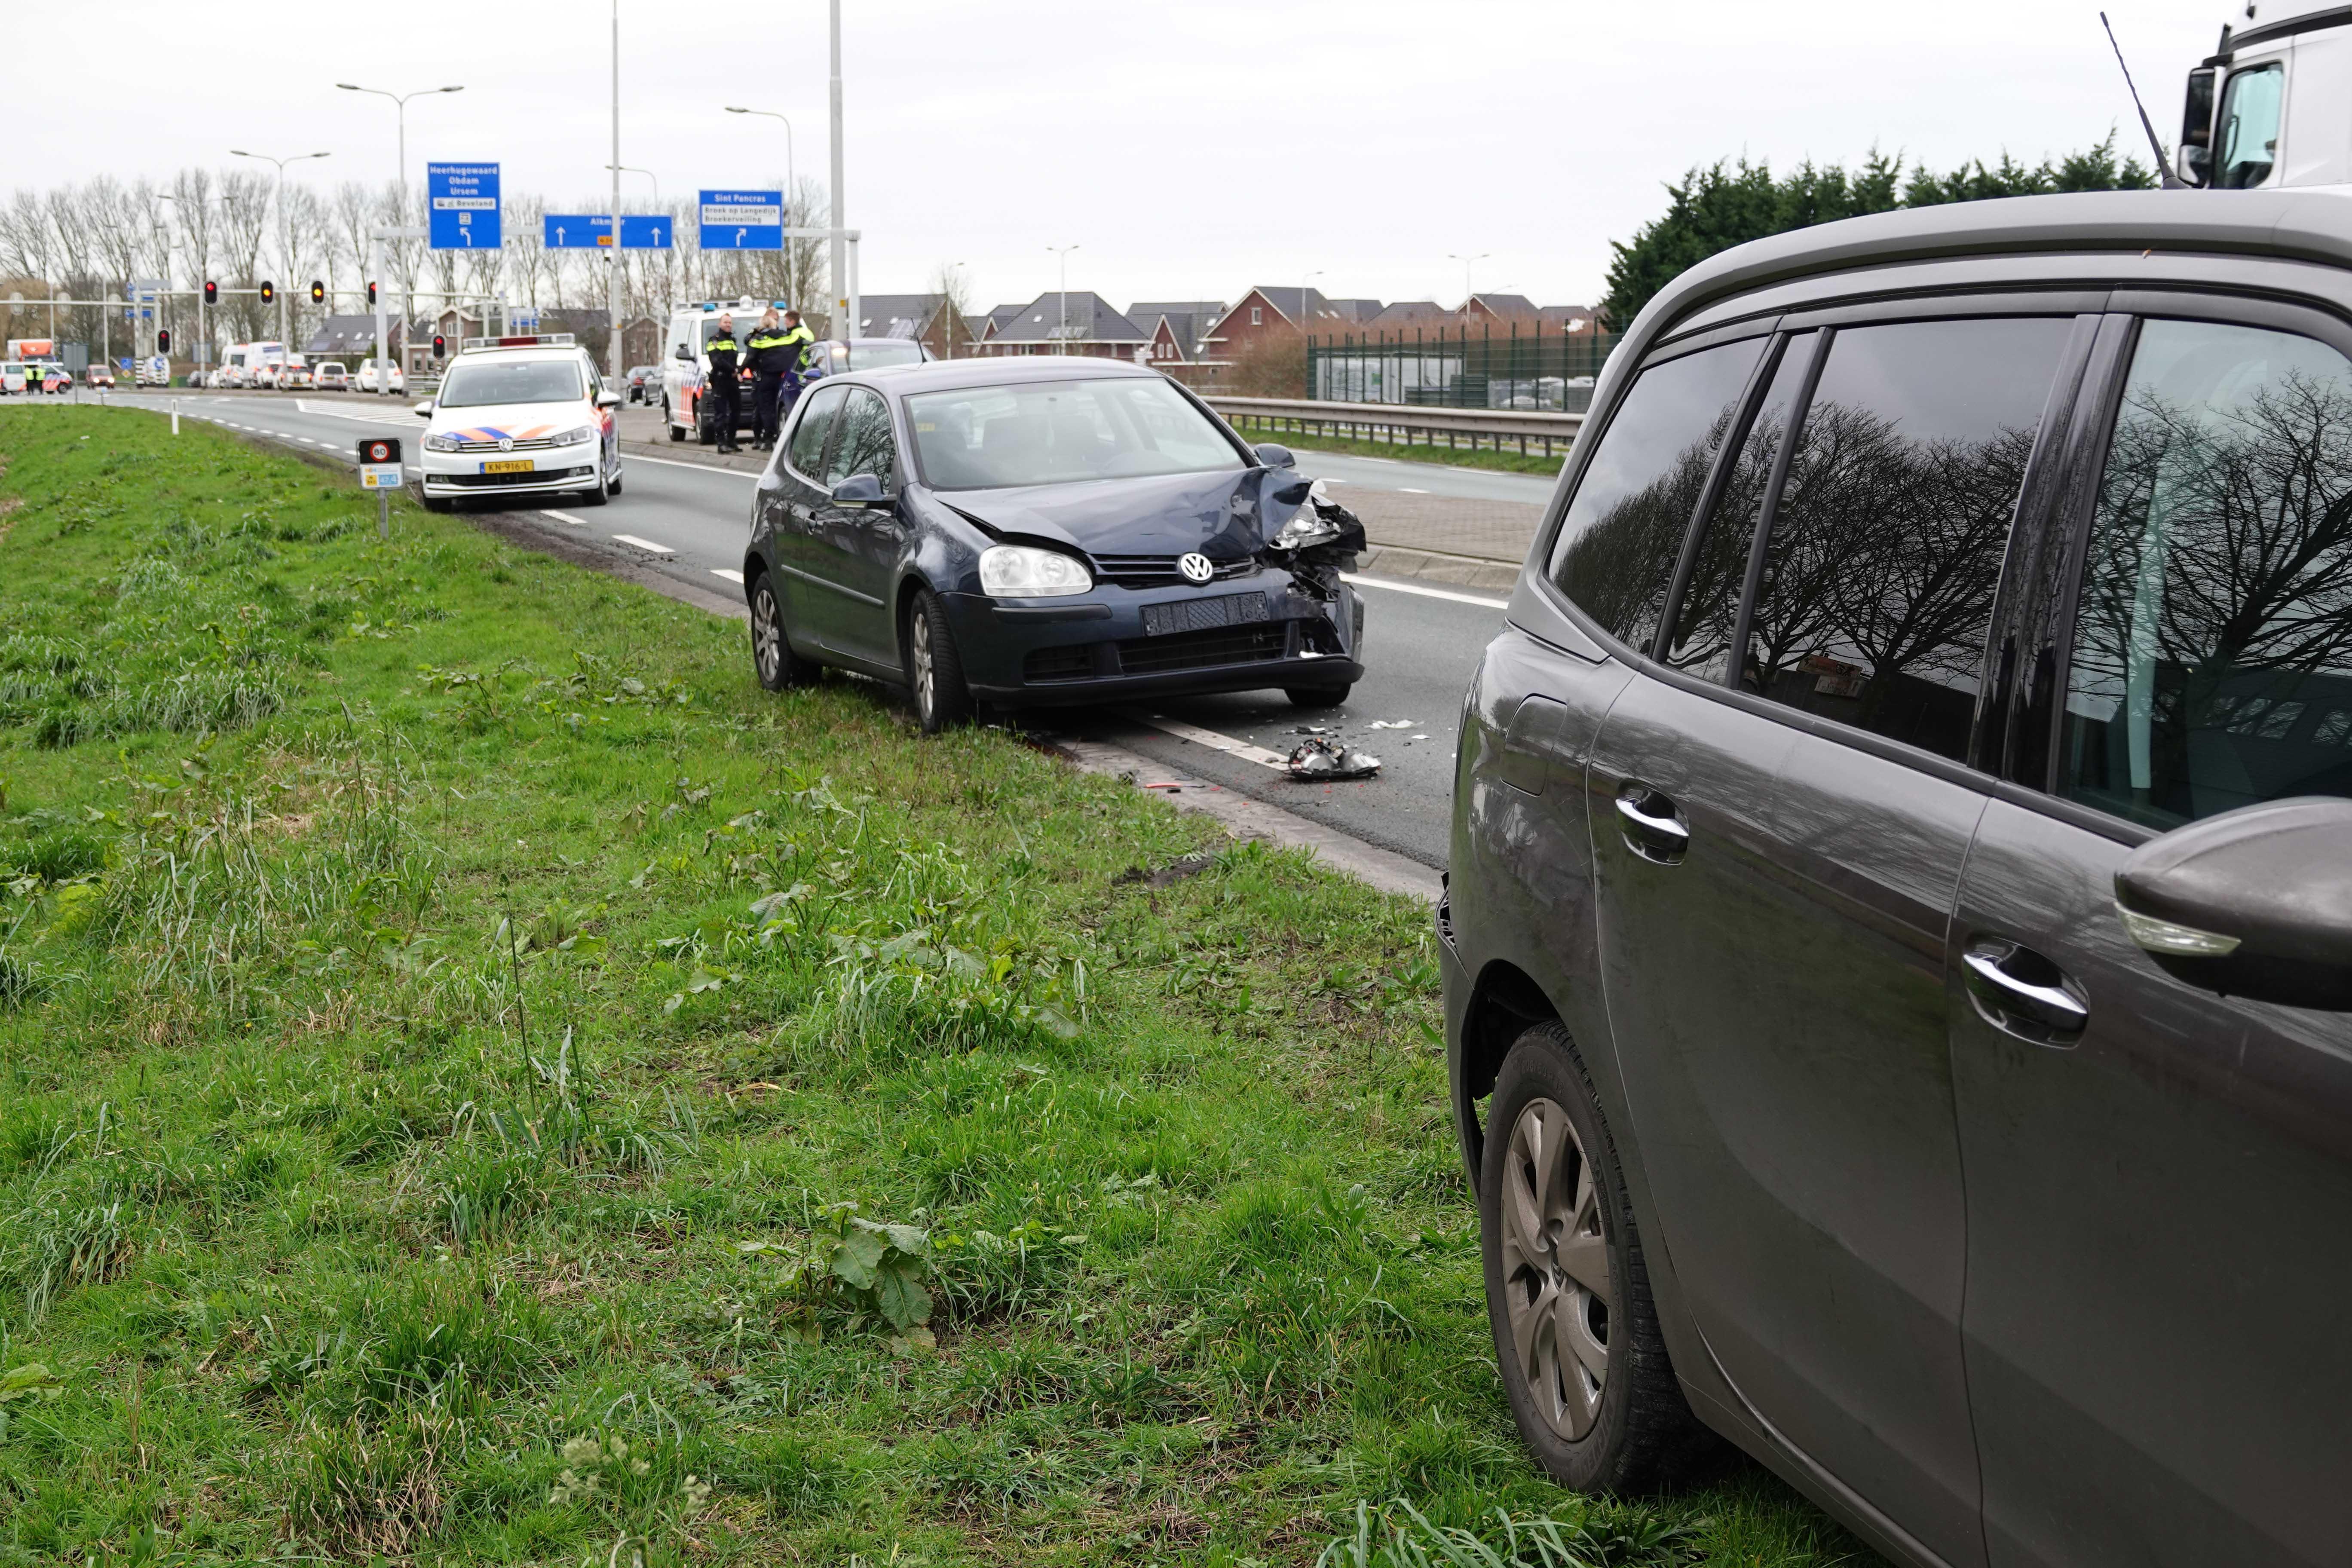 Politie zet achtervolging in op N242 in Heerhugowaard, achterop rijdende auto's botsen op elkaar